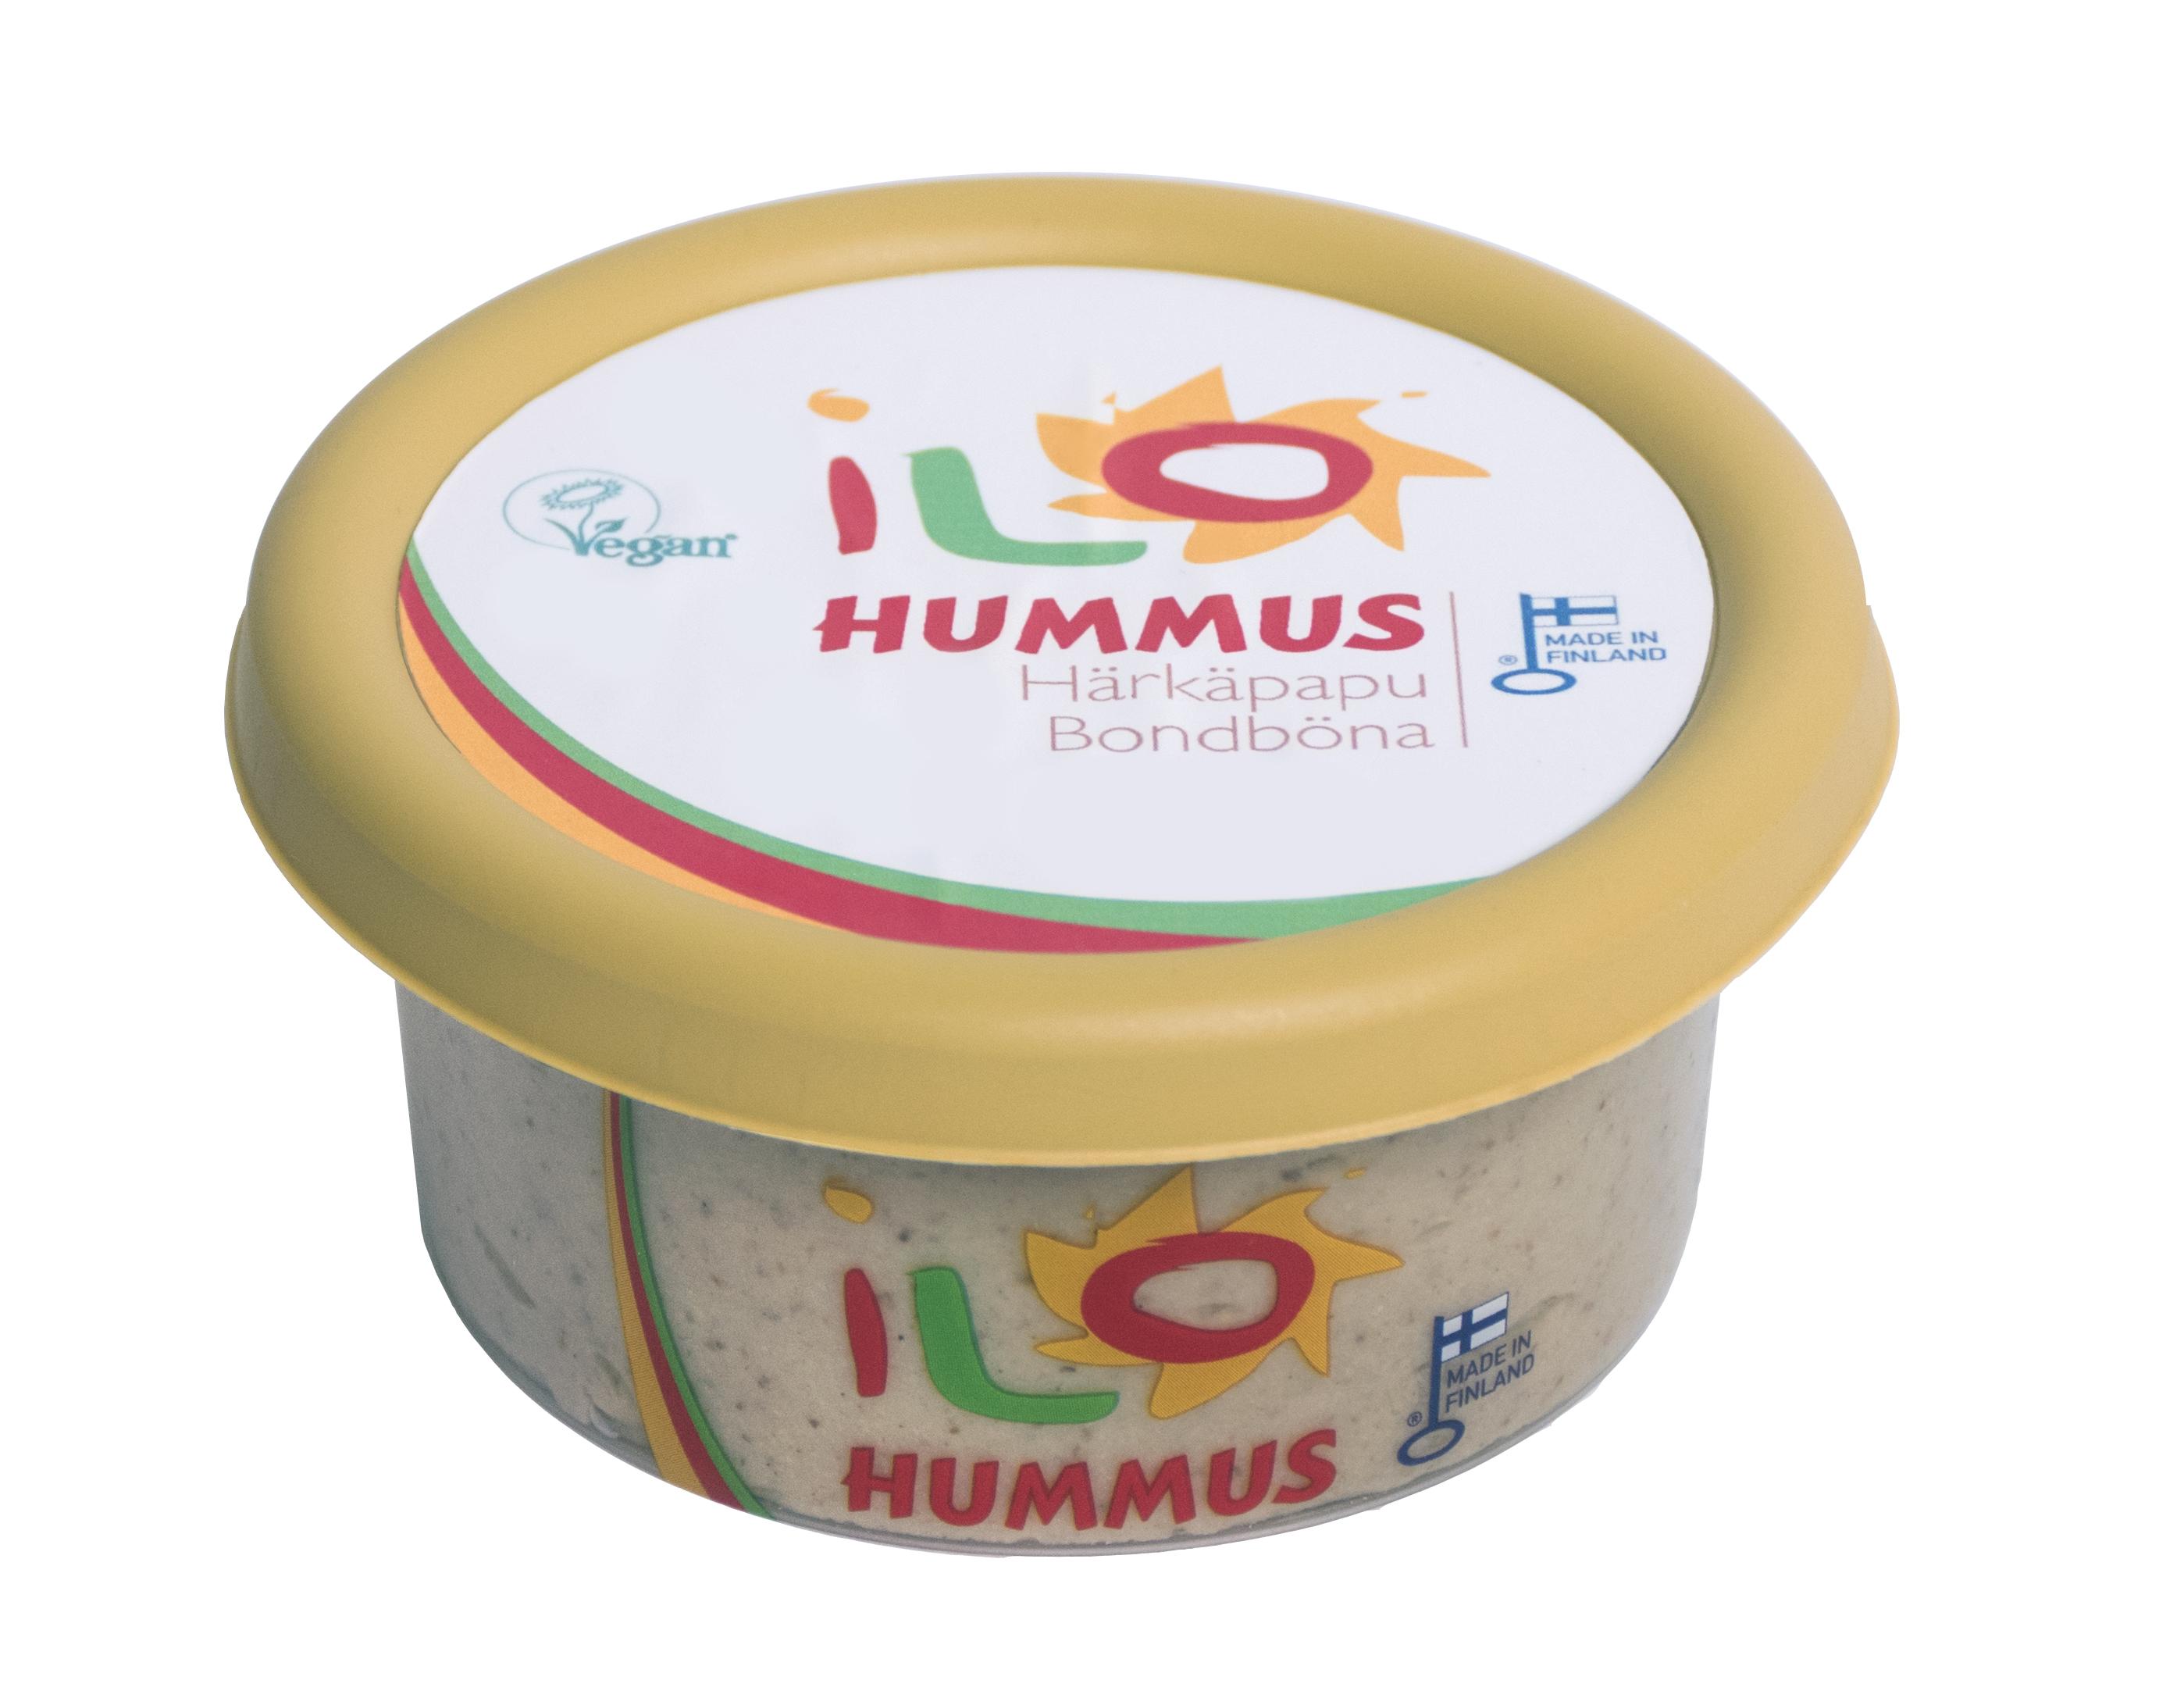 Ilo Hummus Härkäpapu 150g